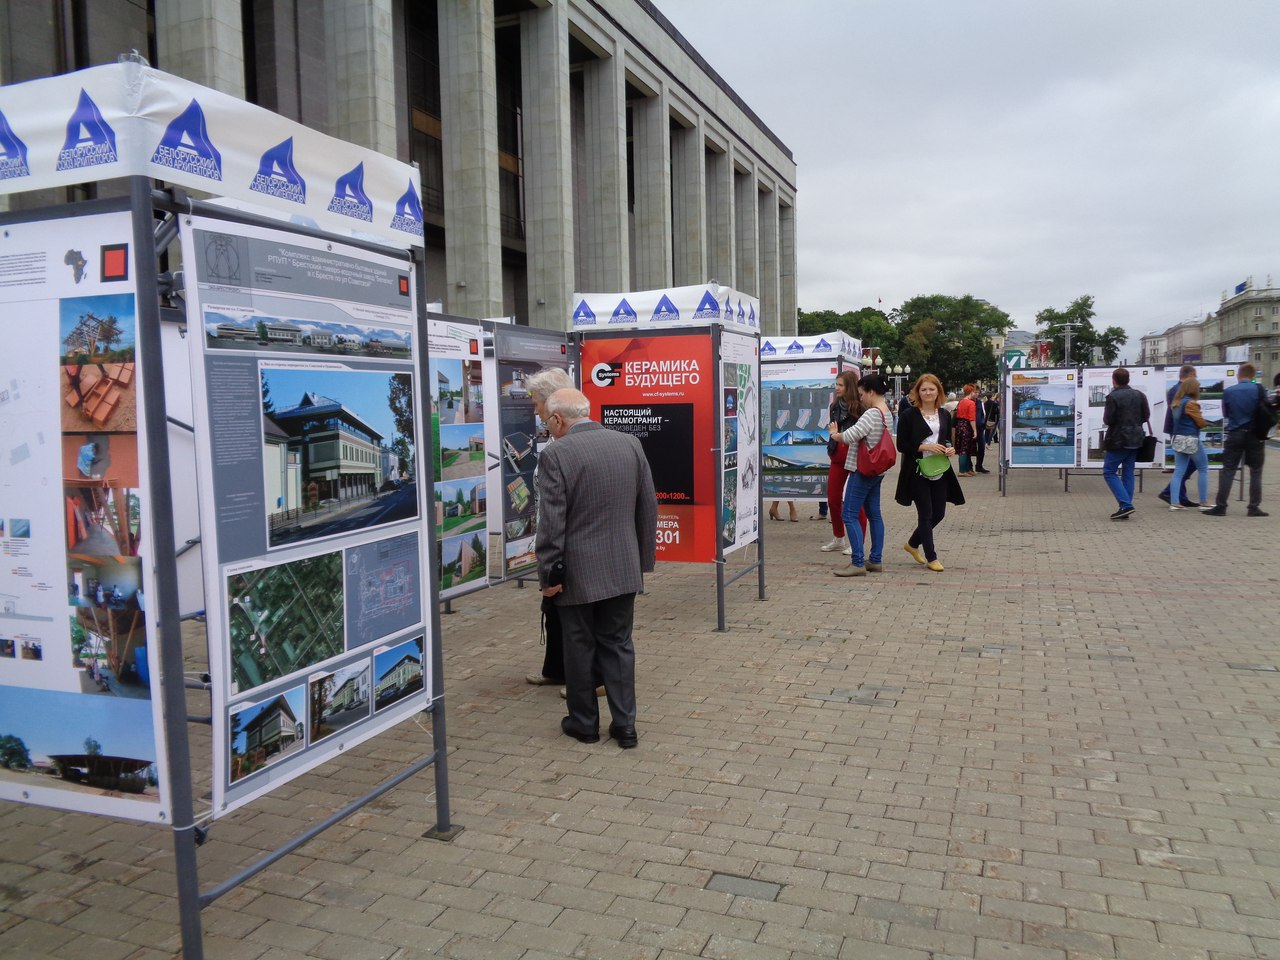 """ХI Национальный фестиваль архитектуры """"Минск-2015"""" сегодня открылся в Минске 14"""